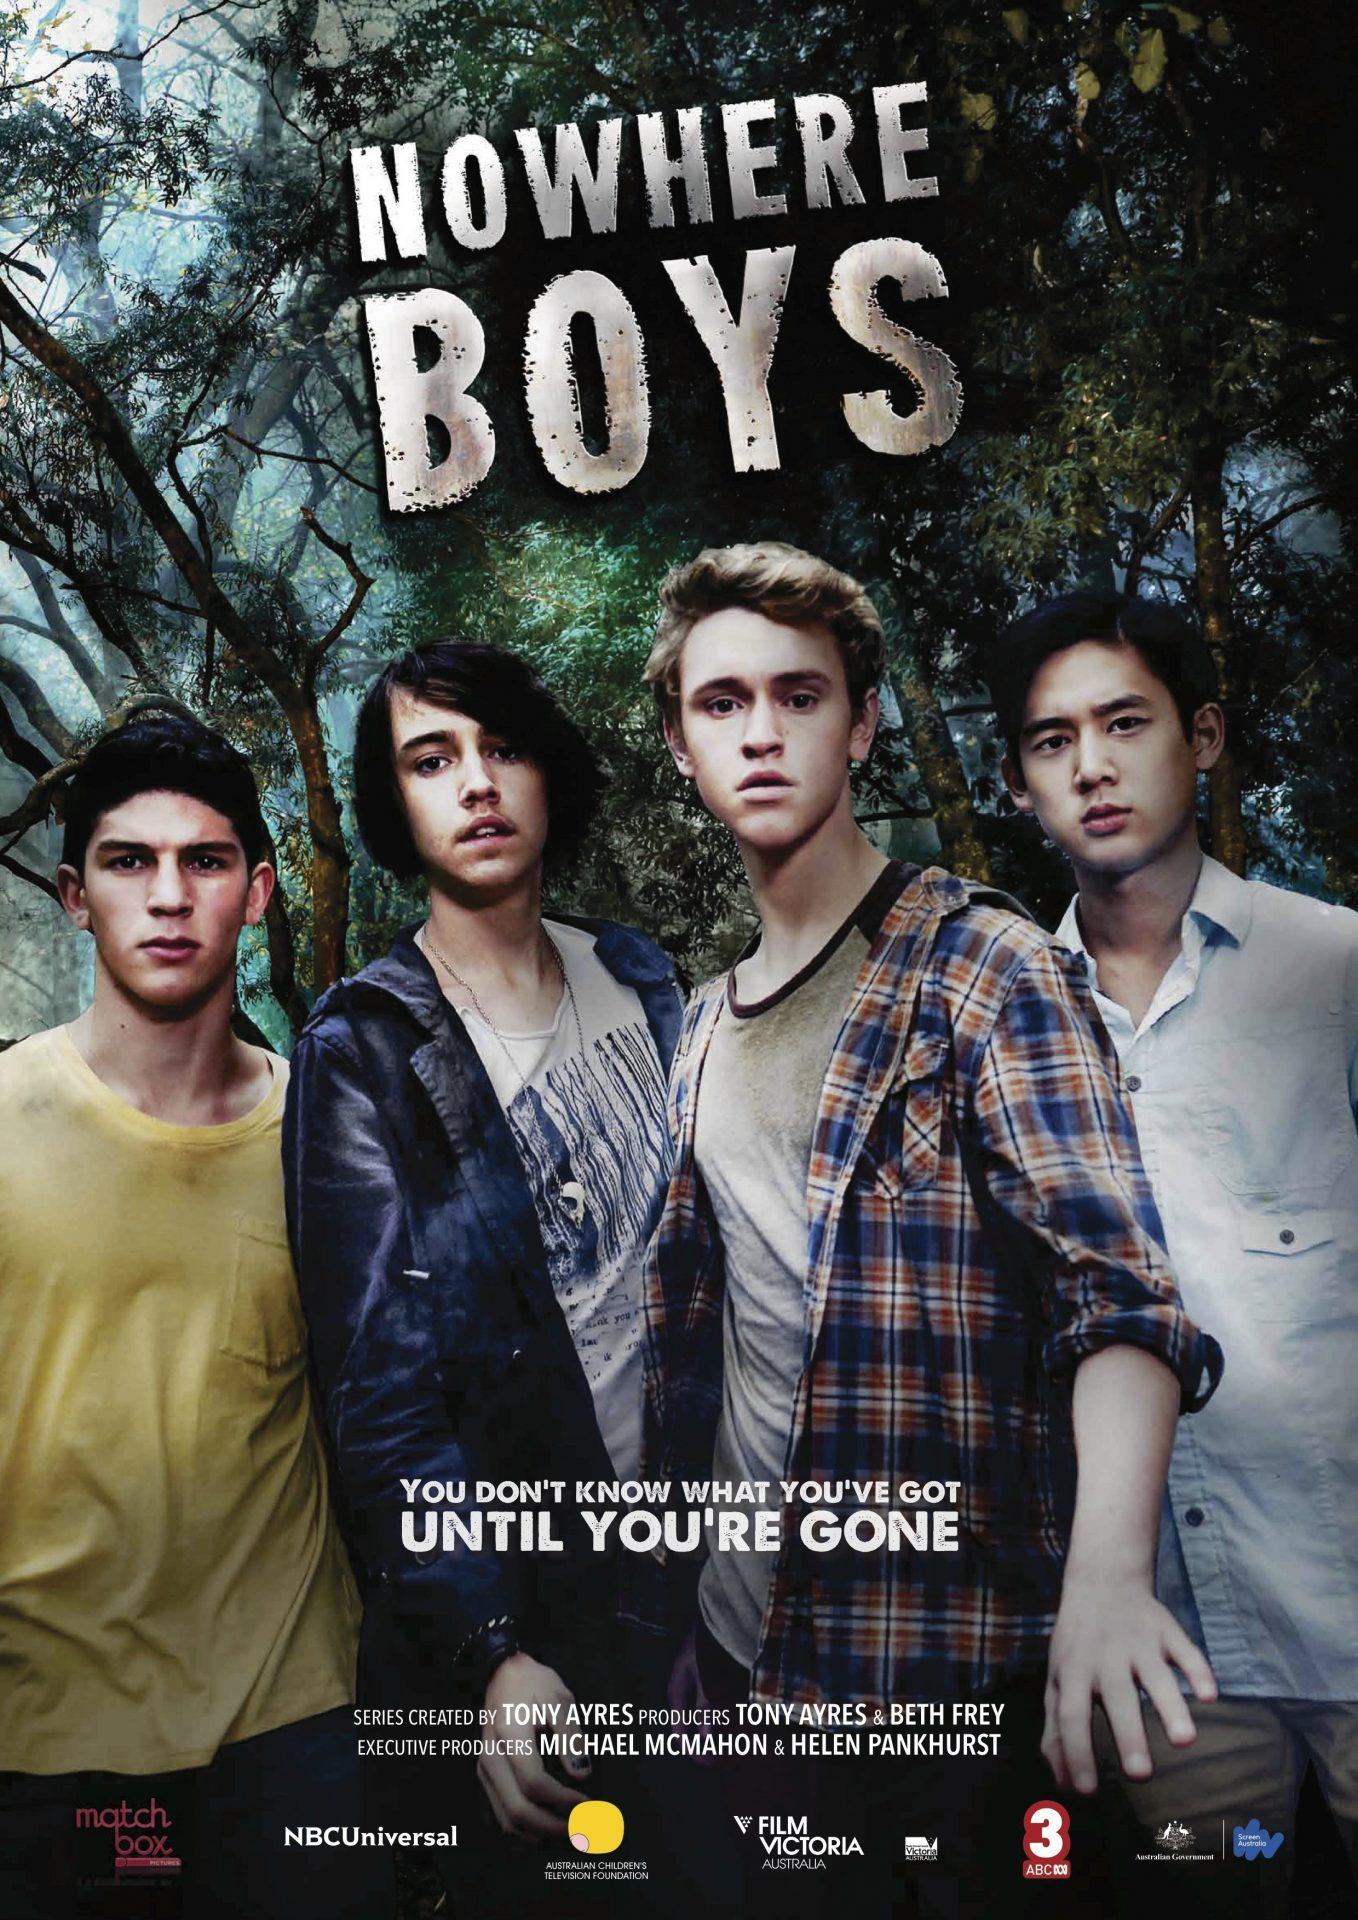 2015 Nowhere Boys